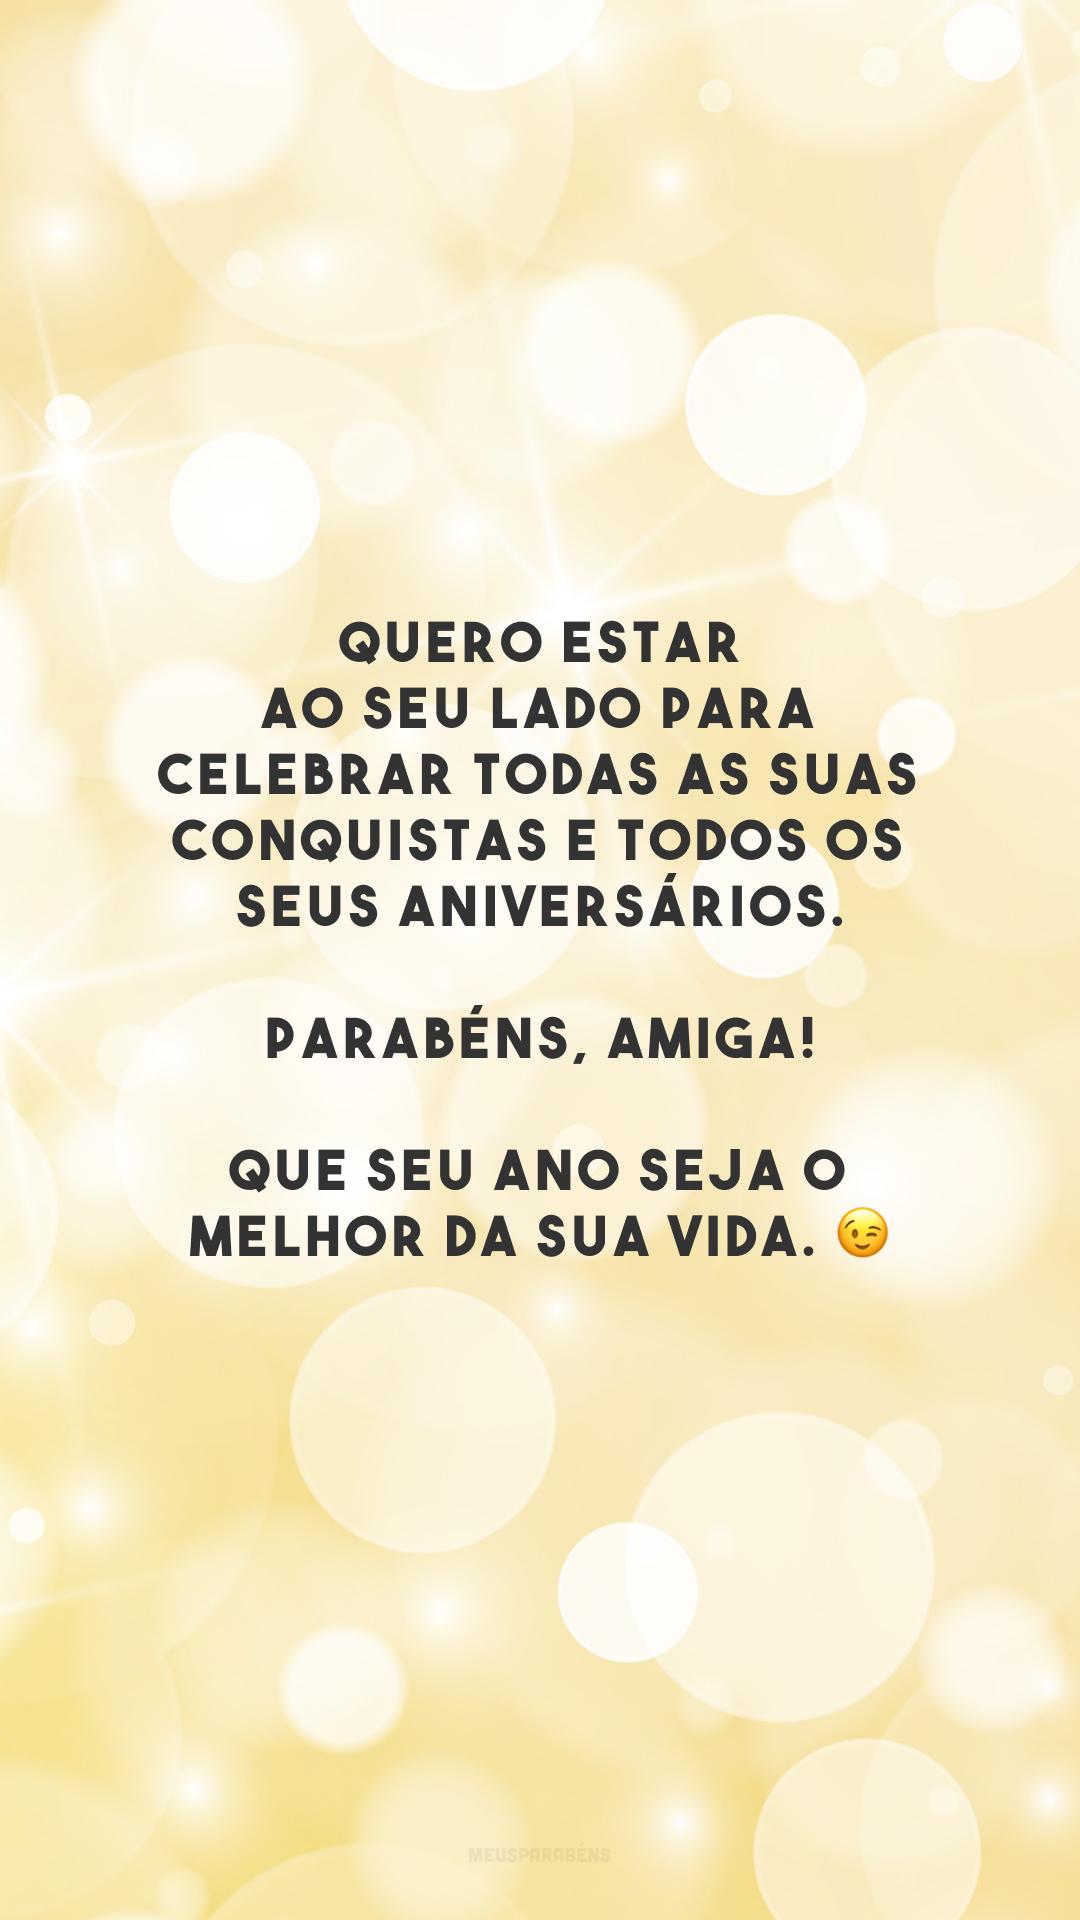 Quero estar ao seu lado para celebrar todas as suas conquistas e todos os seus aniversários. Parabéns, amiga! Que seu ano seja o melhor da sua vida. 😉